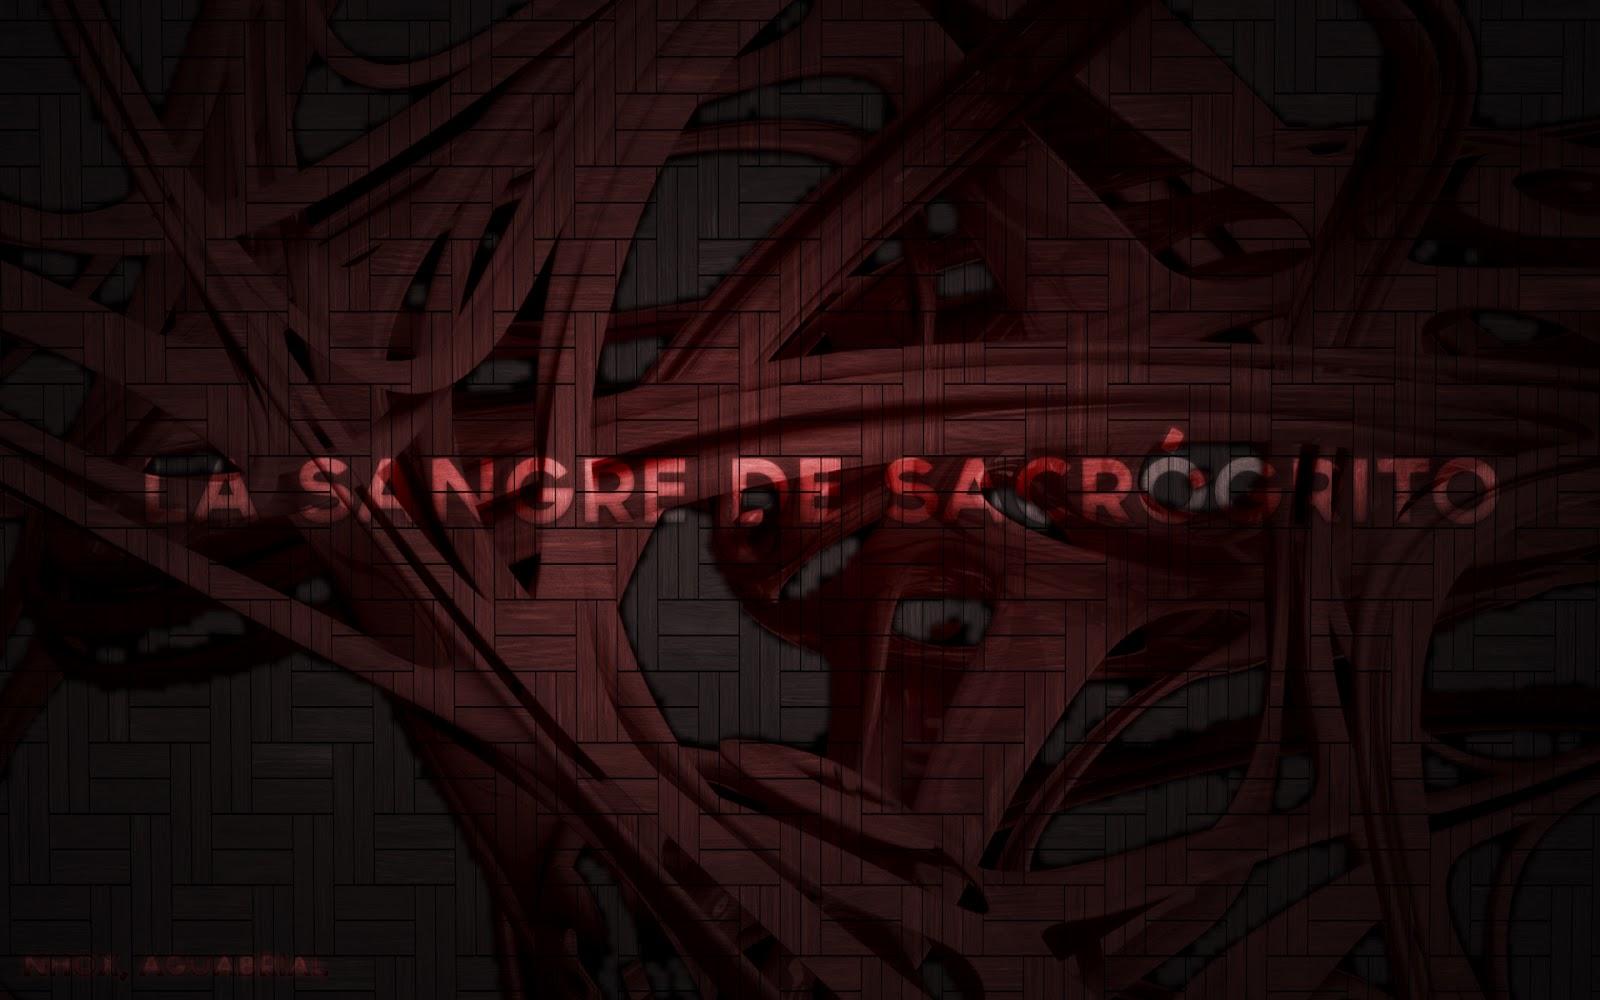 http://4.bp.blogspot.com/-JY0-dSB9OLo/T3J_YJqrqAI/AAAAAAAAApM/Lh-WbuFmk5o/s1600/Black+Parquet+2_00000.jpg